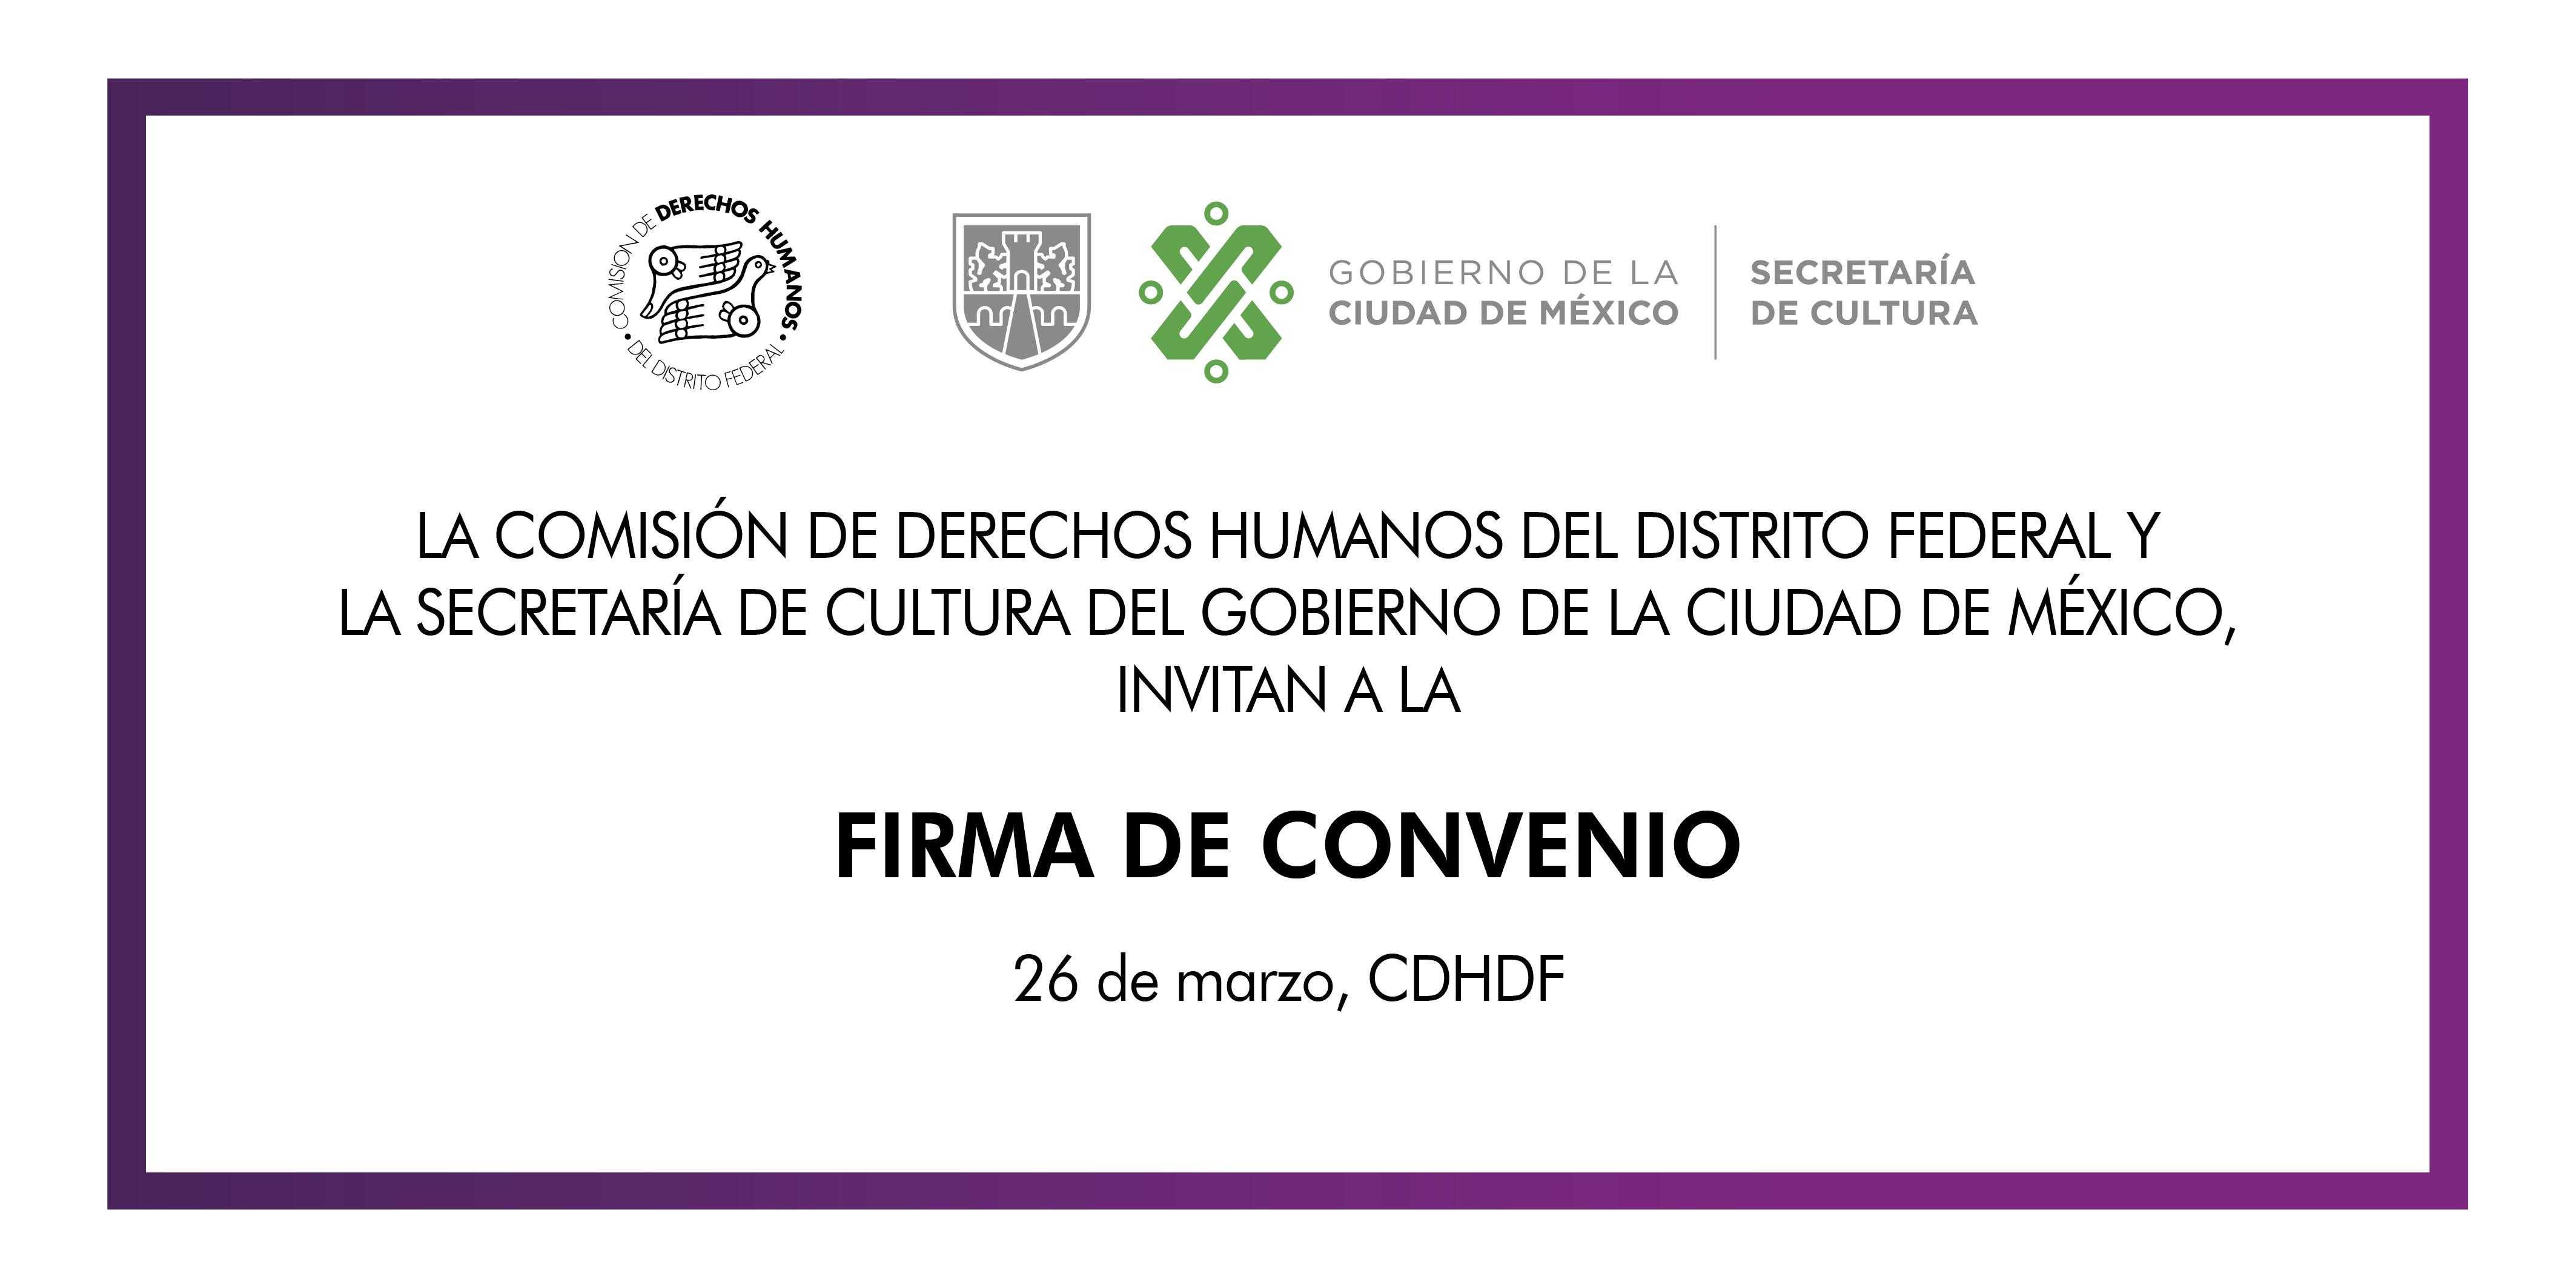 Firma de Convenio con la Secretaría de Cultura del Gobierno de la Ciudad de México. @ CDHDF